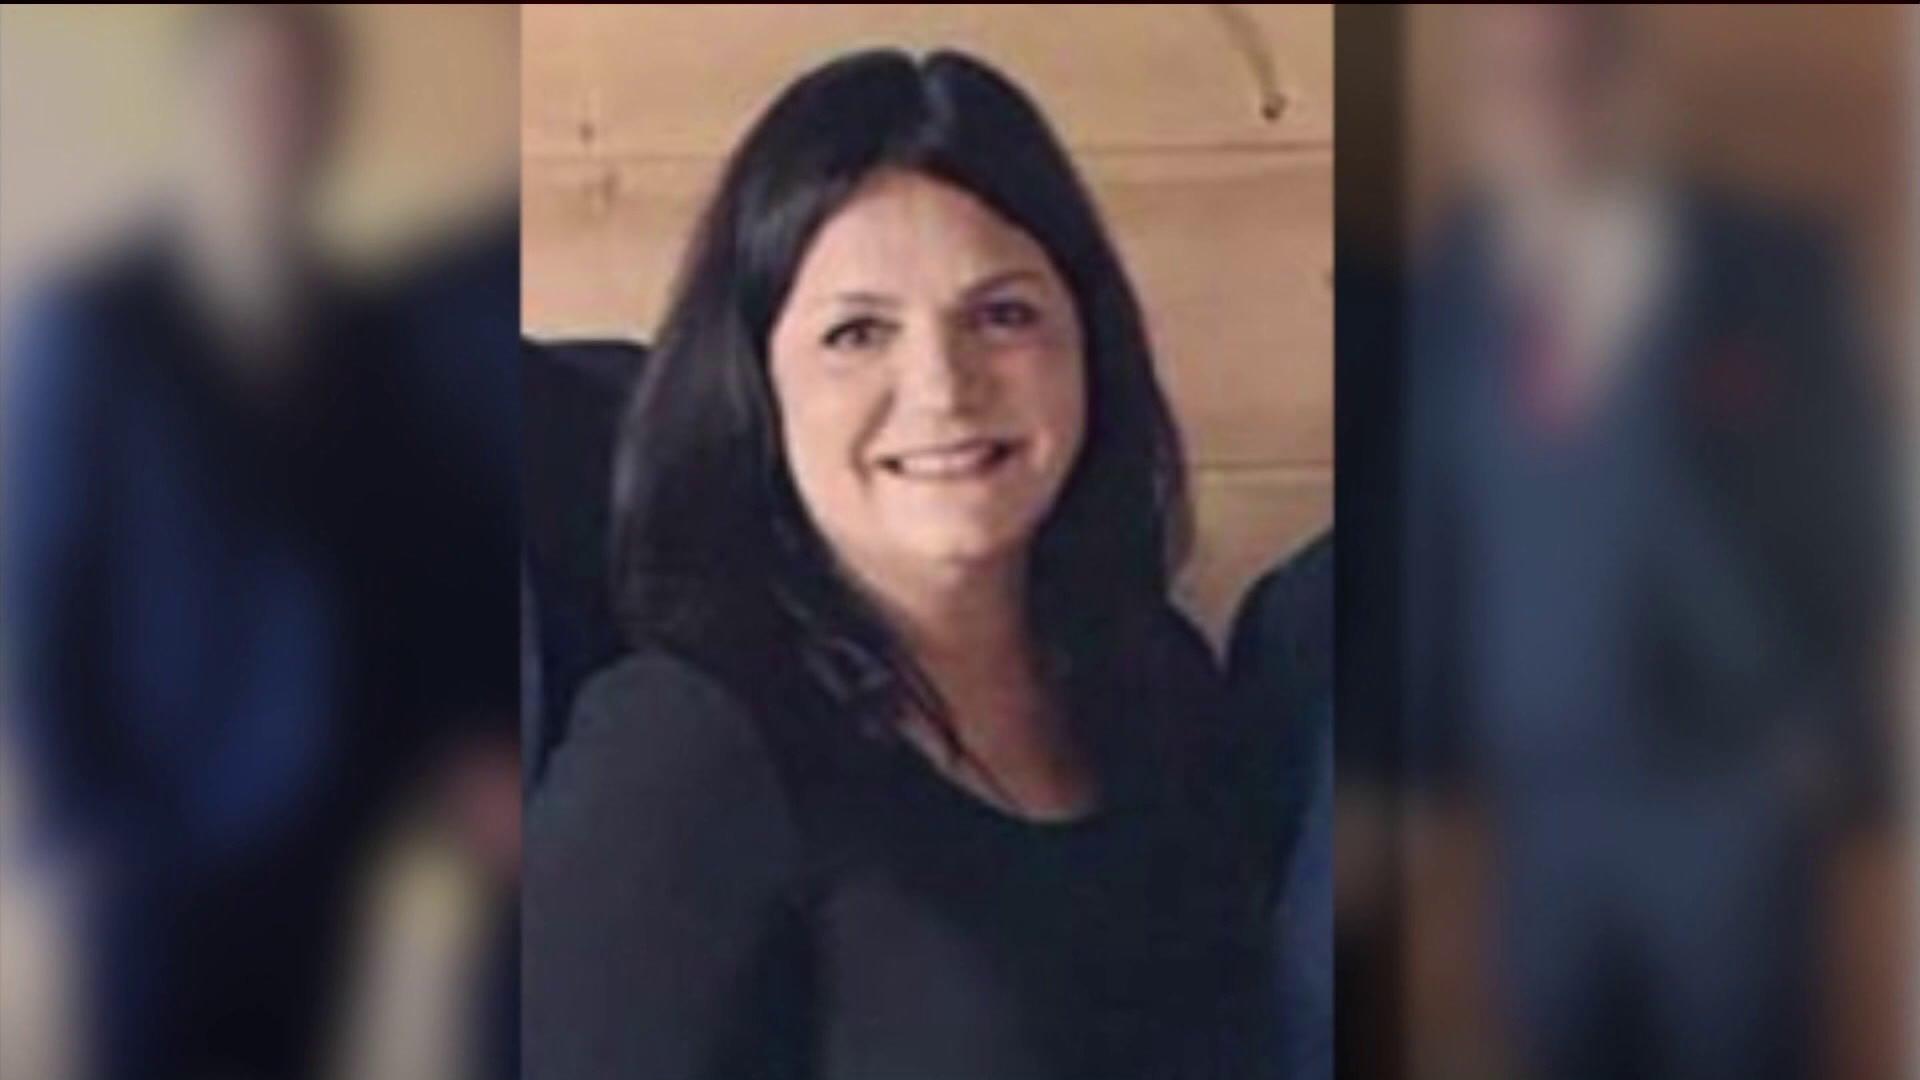 Zidentyfikowano ciało znalezione w spalonym samochodzie w Milwaukee. To zagioniona nauczycielka